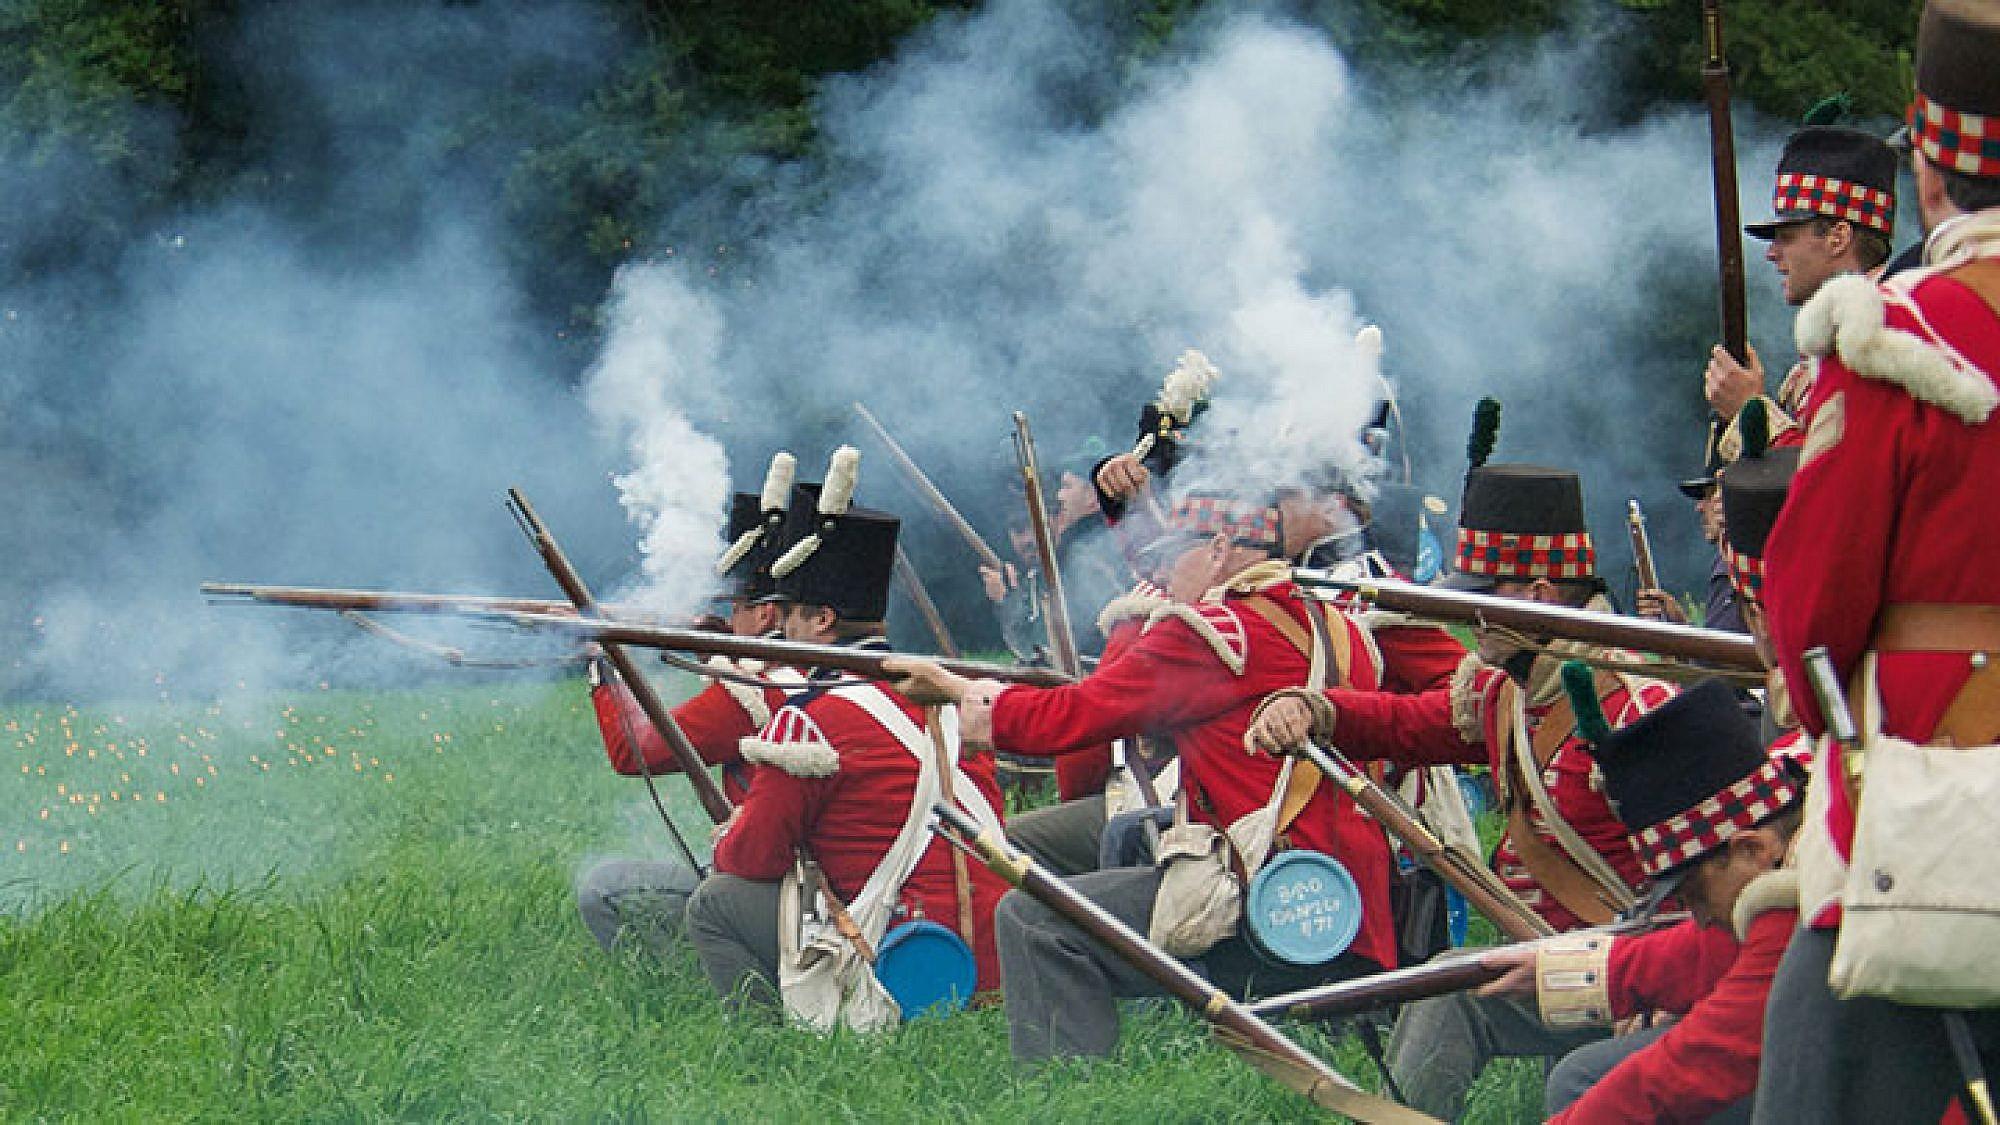 מהלכי קרב ווטרלו נלמדים עד היום באקדמיות הצבאיות | צילום: פיל תומסון